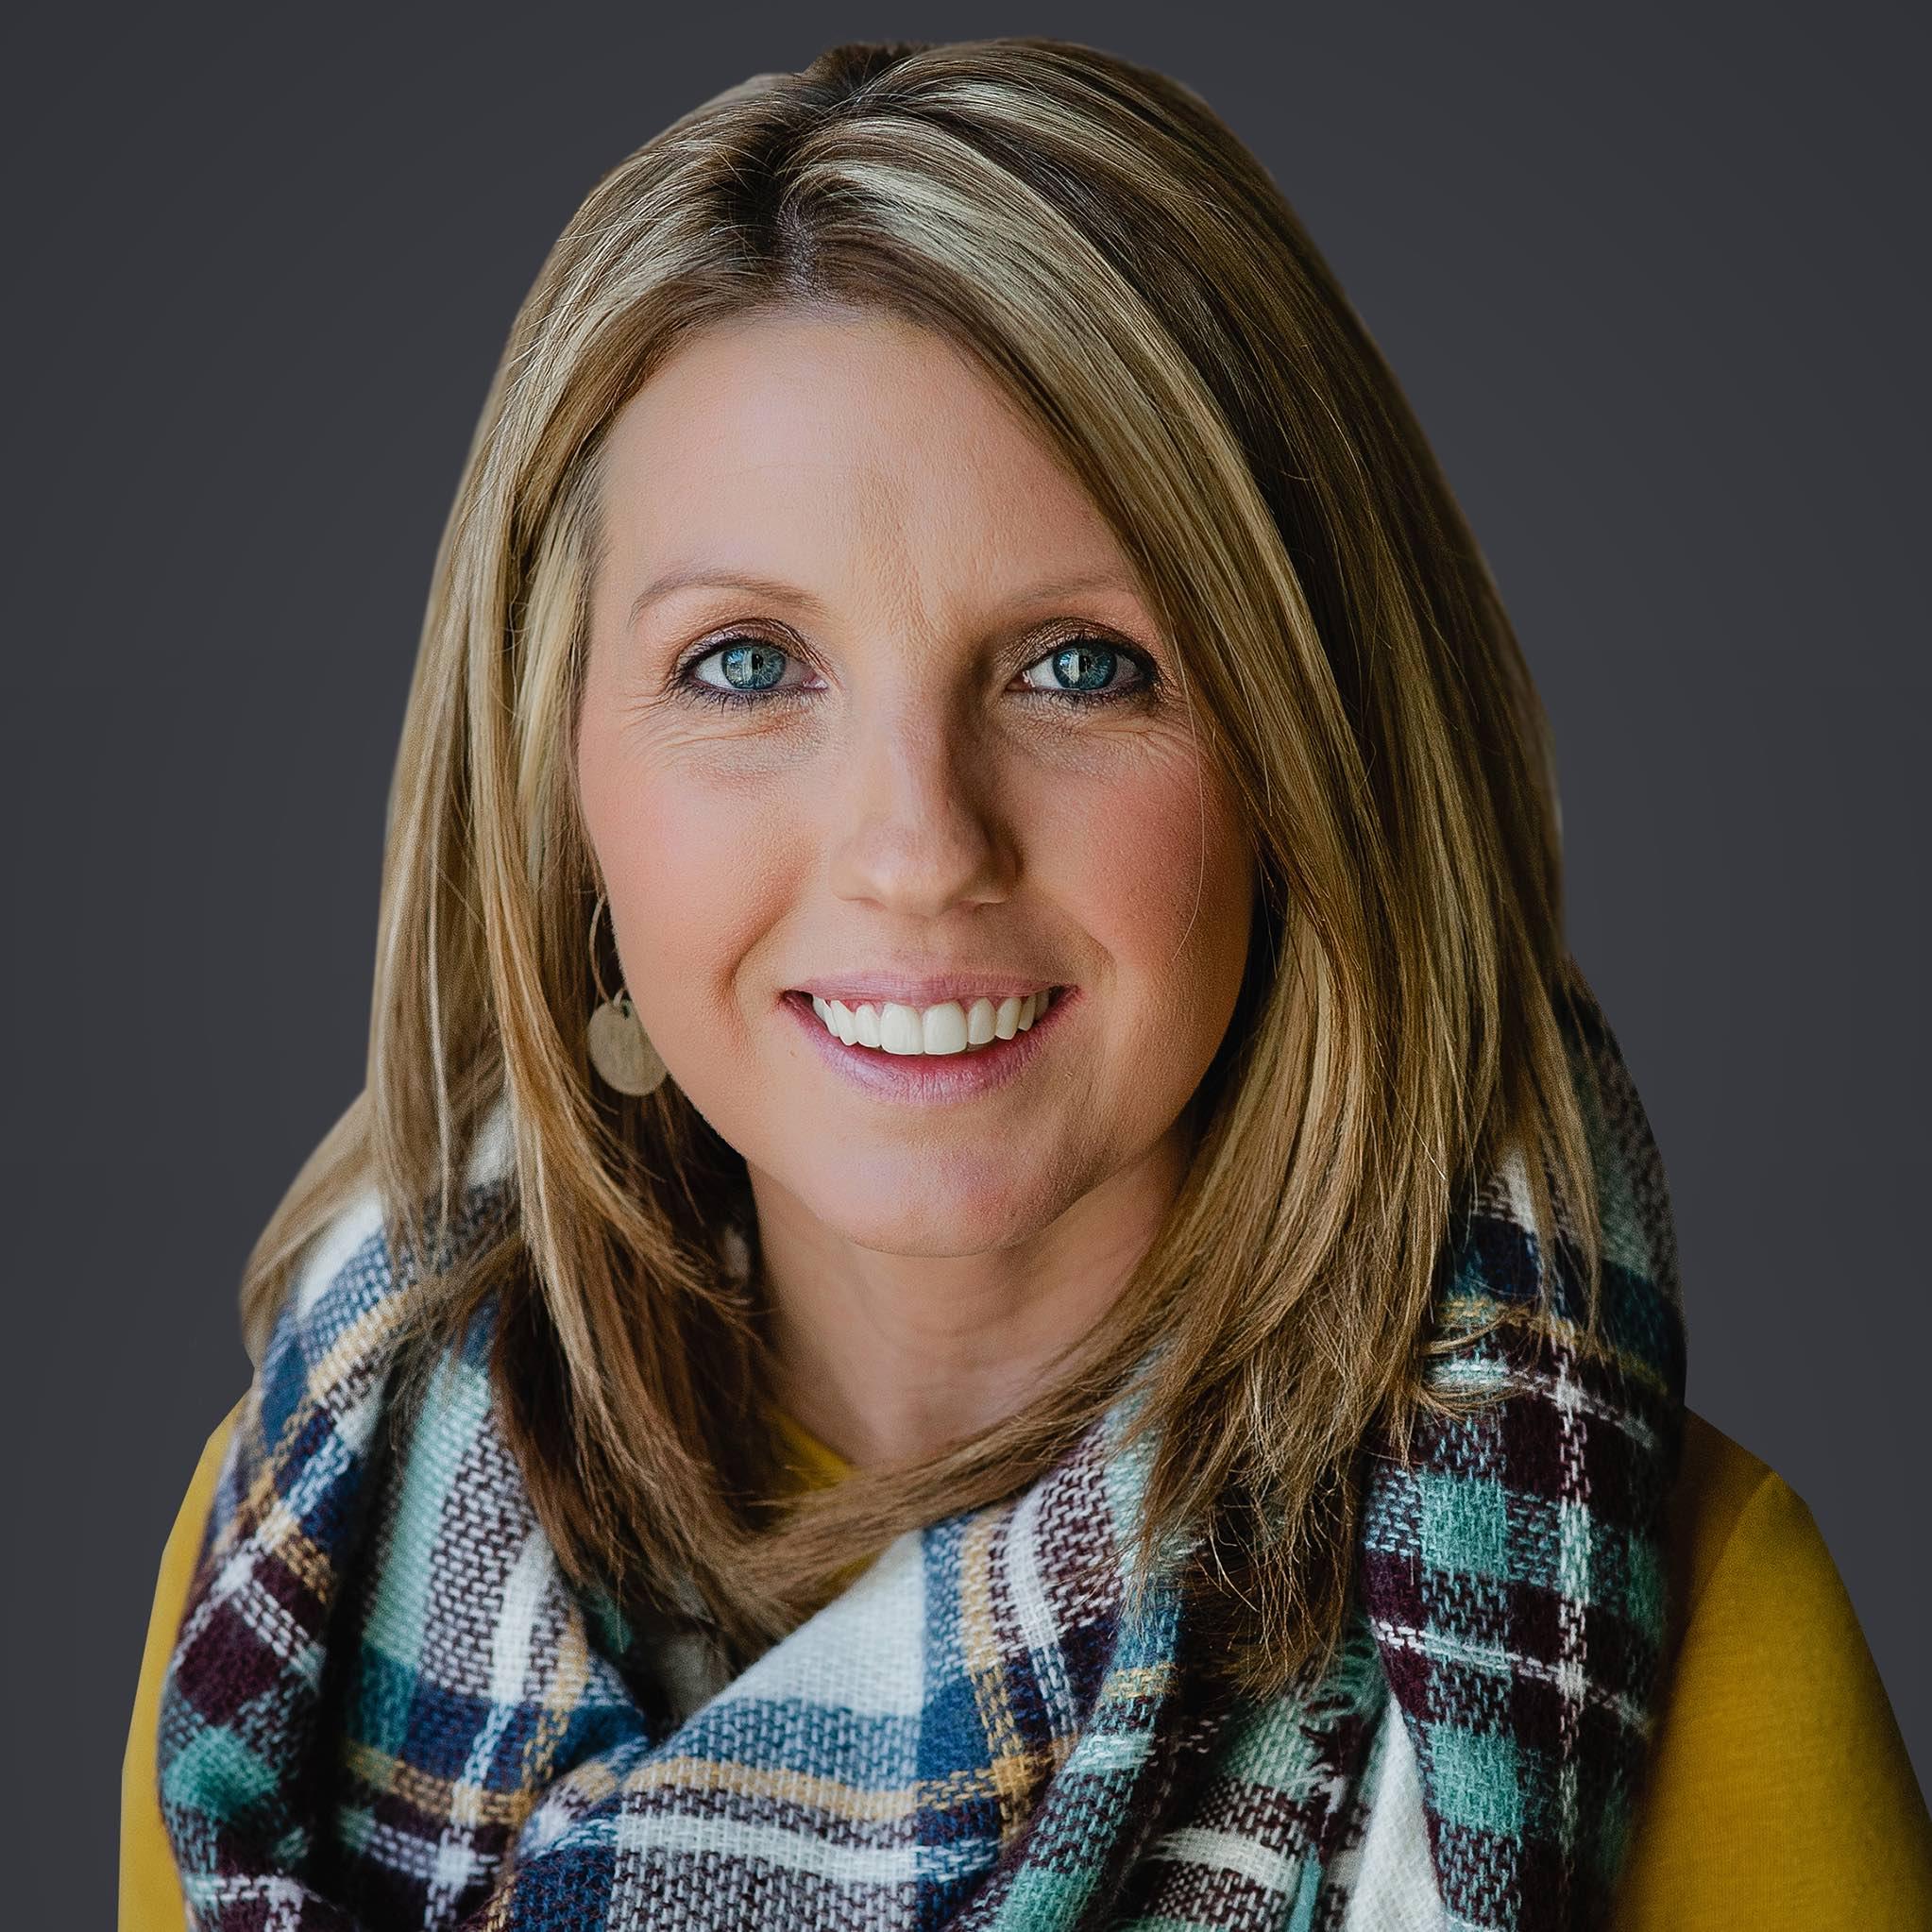 Kristy Hardin